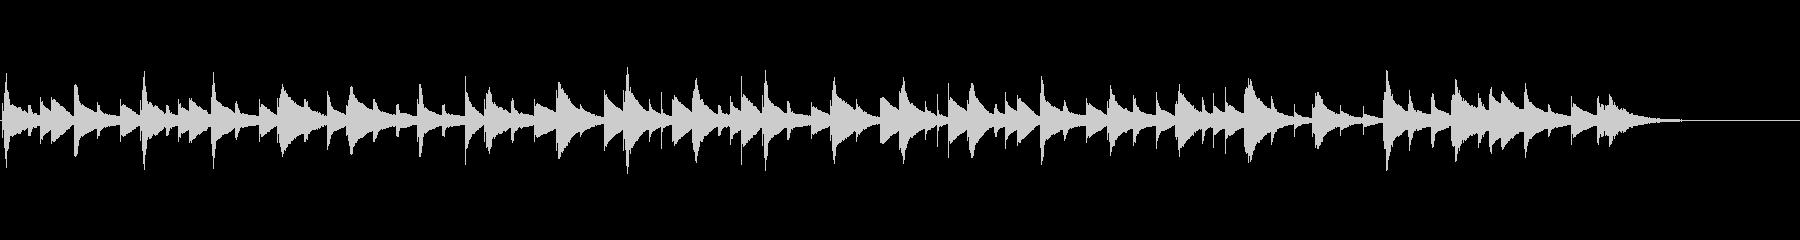 きよしこの夜クリスマス曲オルゴール風-2の未再生の波形